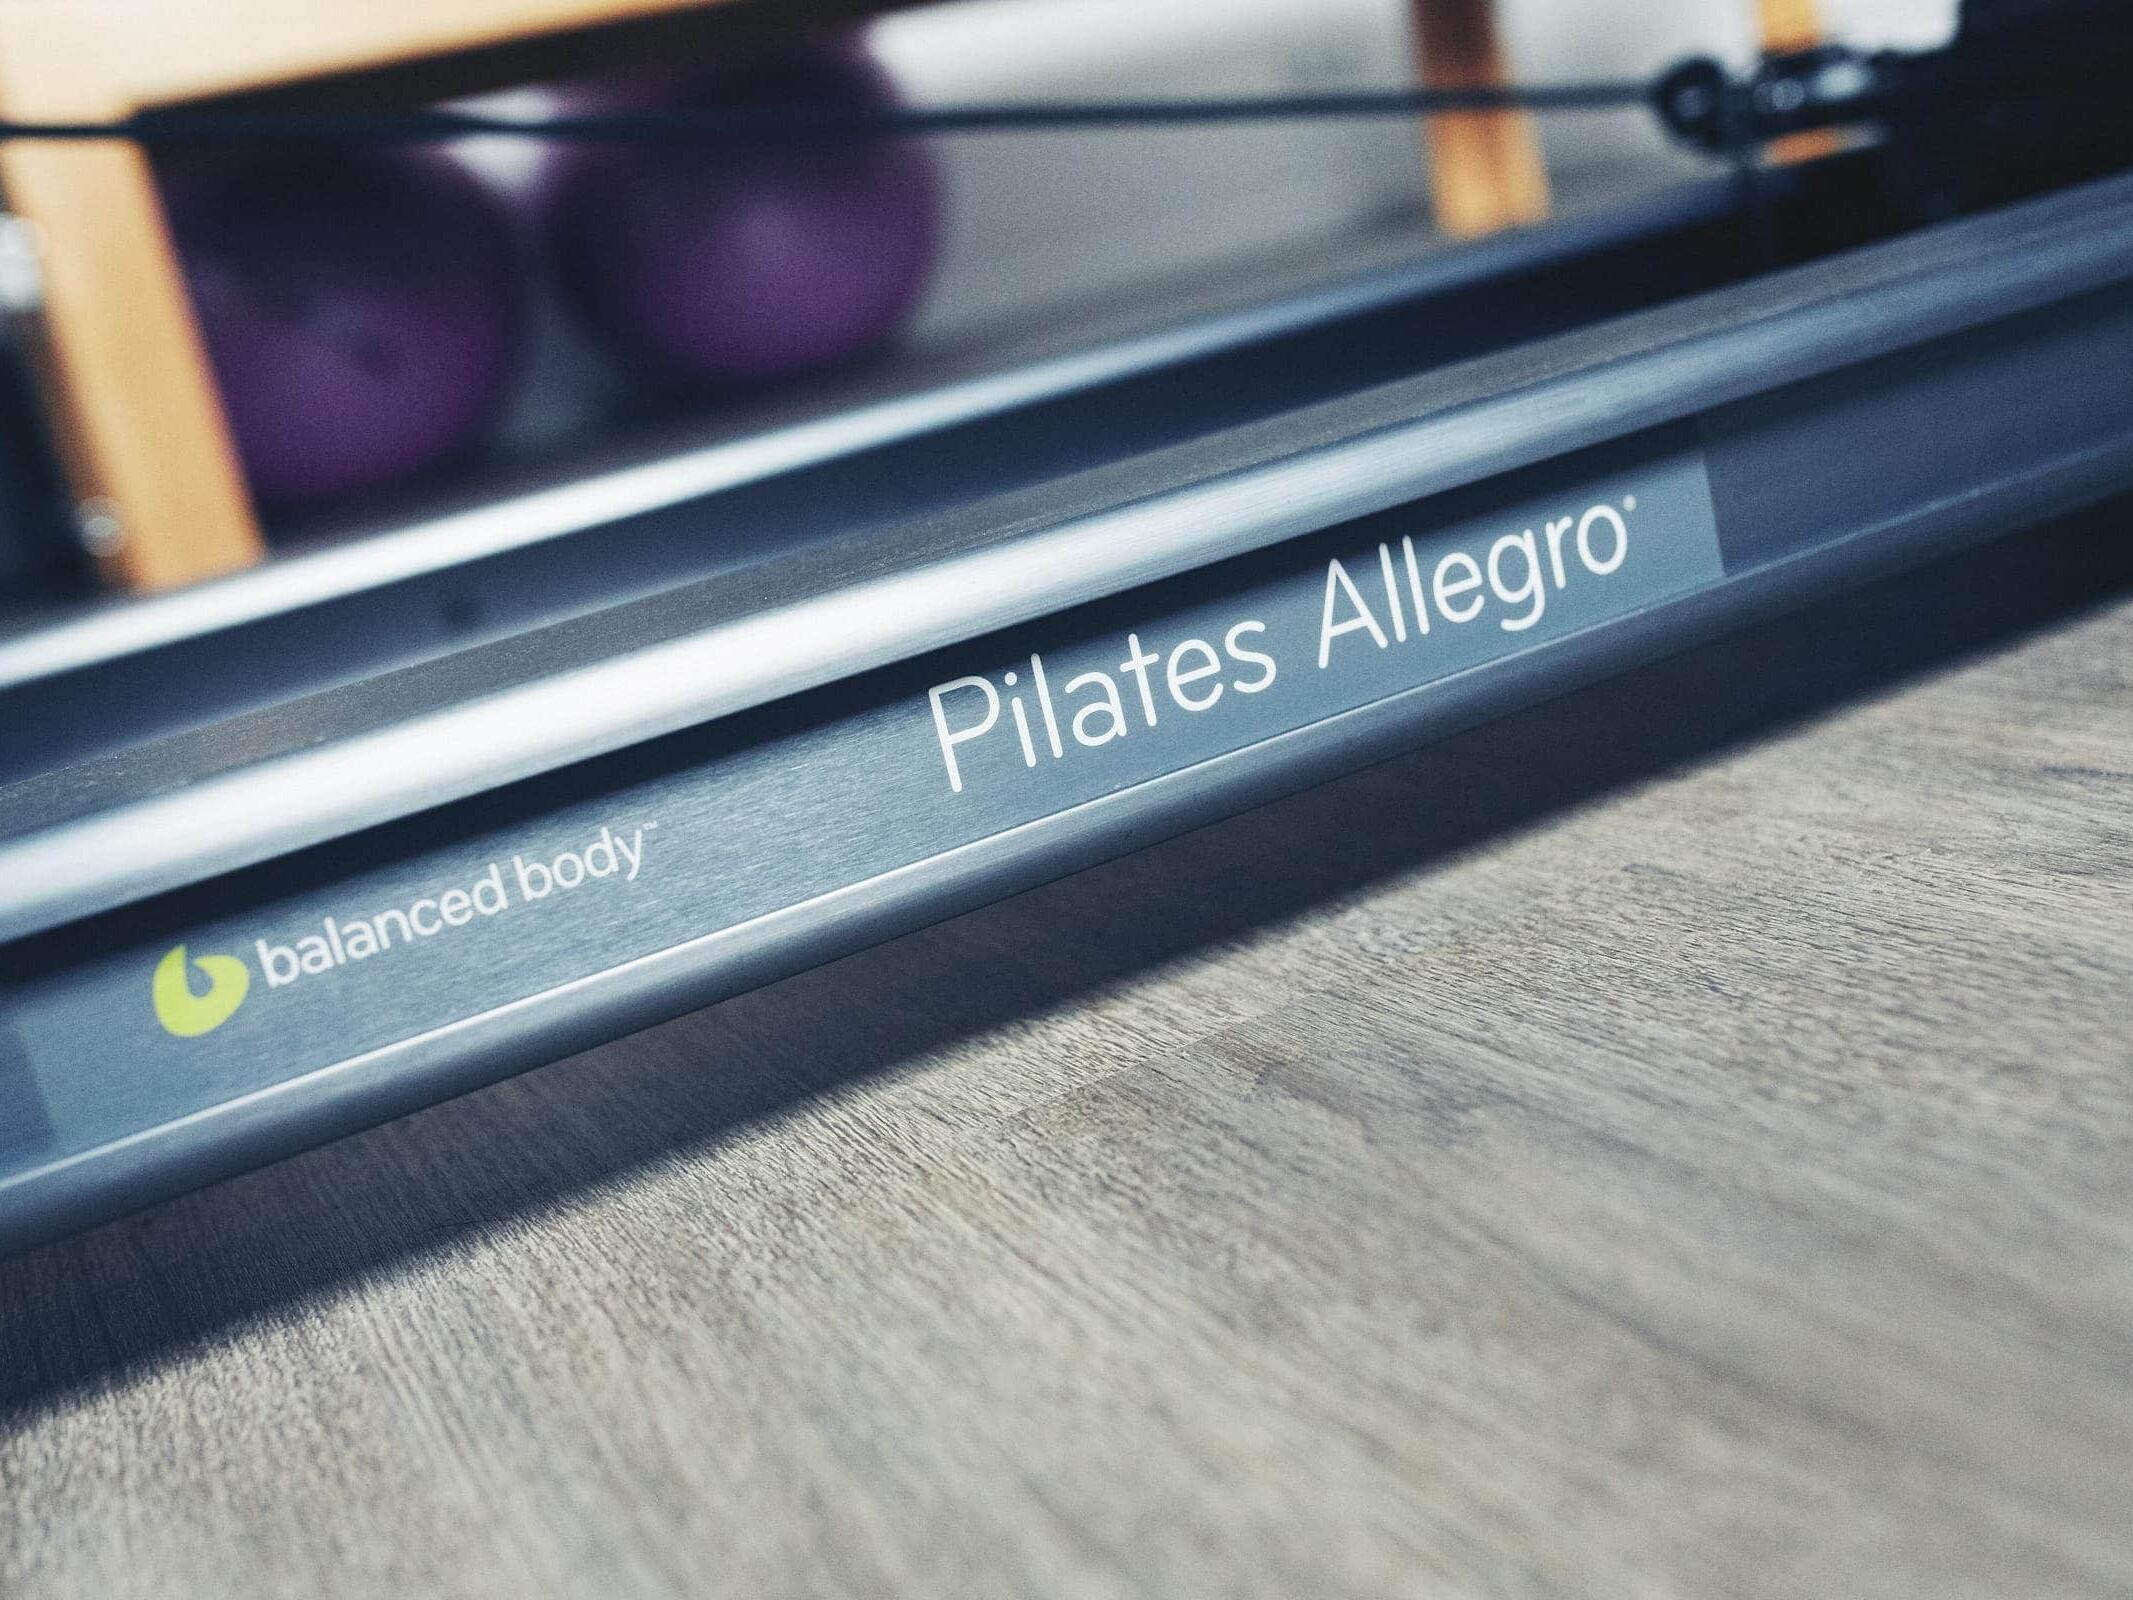 Fotografie eines Pilates Rerformer im Pilates-Studio Alineo Trier